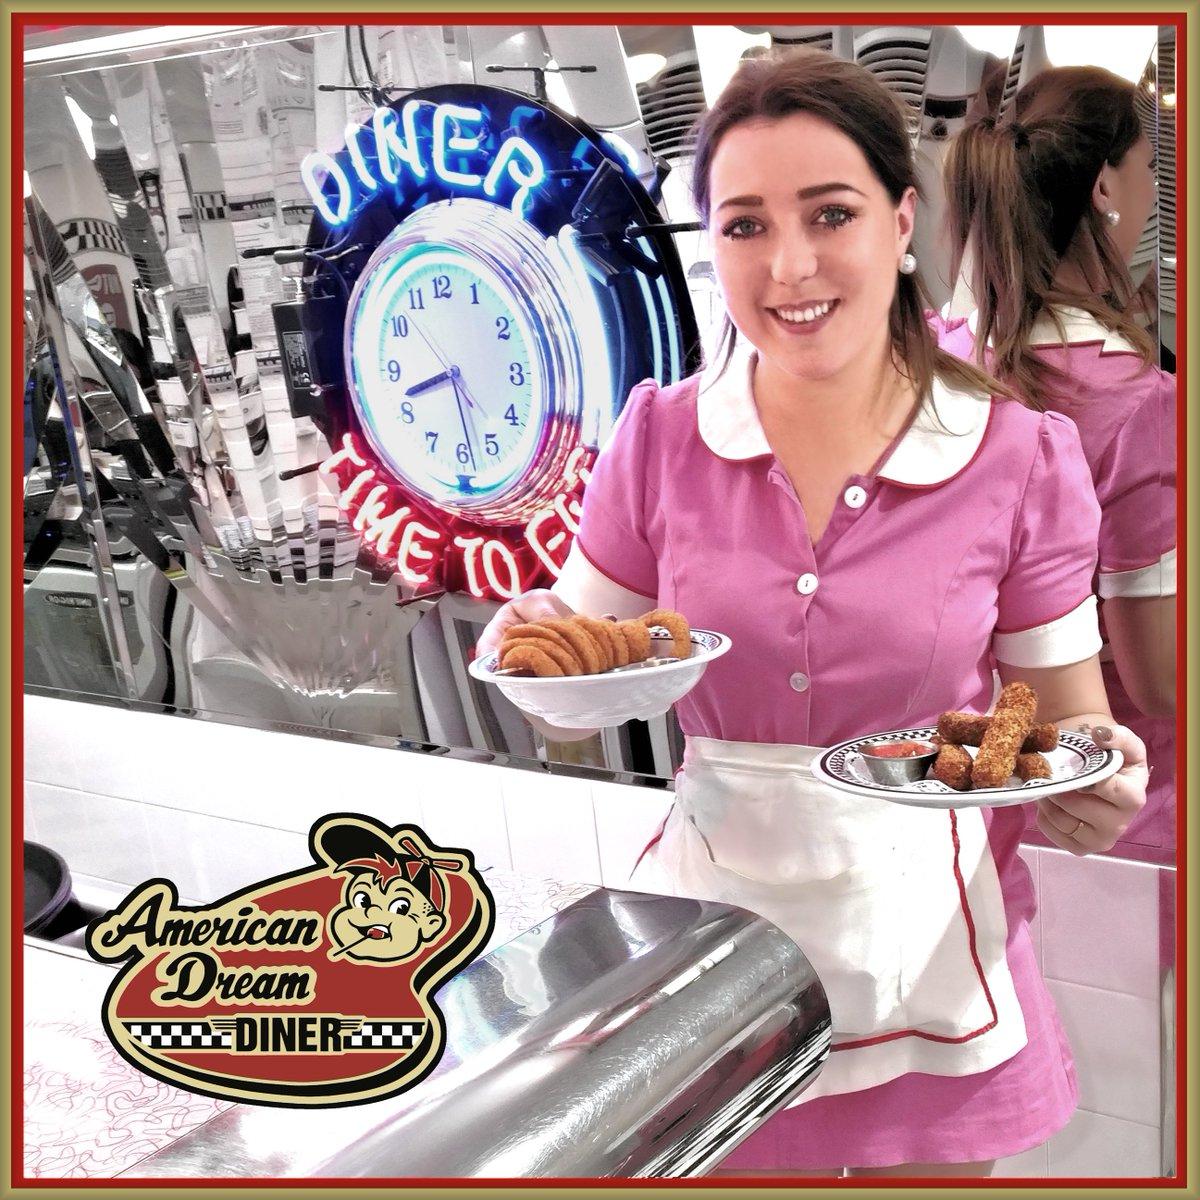 American Dream Diner On Twitter Gouter La Difference Du Fait Maison Onion Rings Anneaux D Oignons Enrobes D Une Chapelure Croustillante A Souhait Fait Maison Vegan Cheese Sticks Sticks